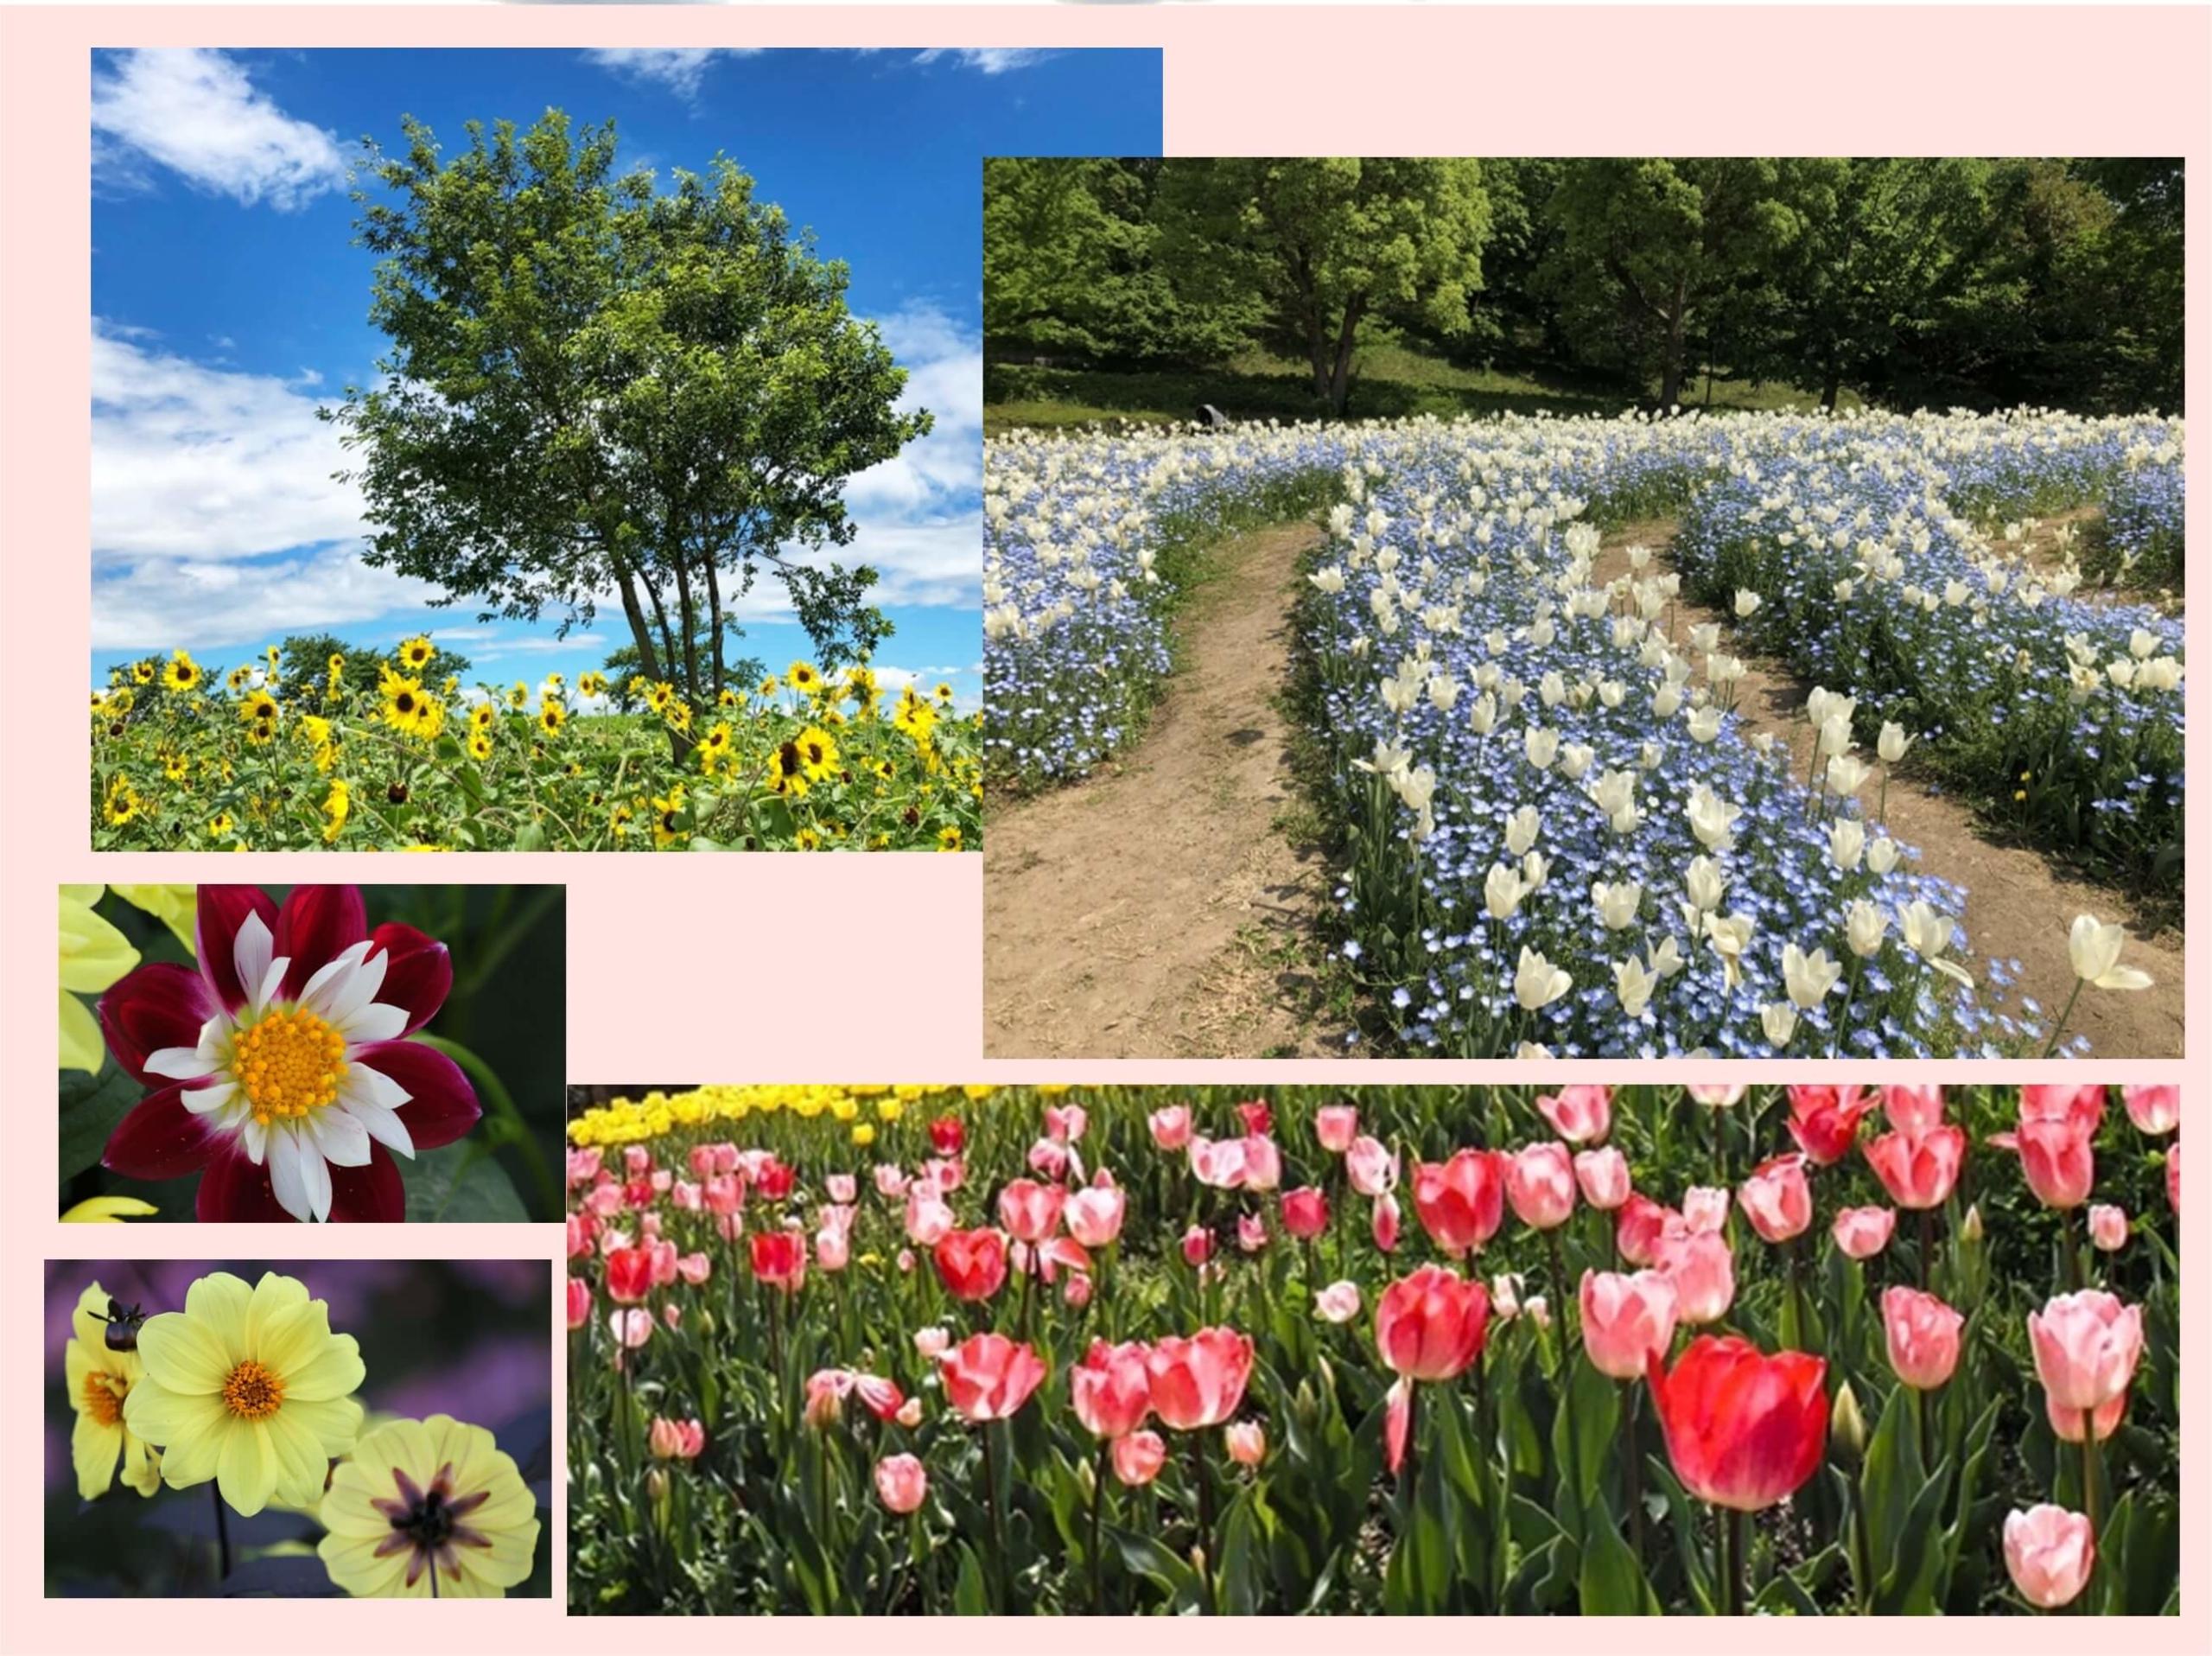 馬見丘陵公園 花畑